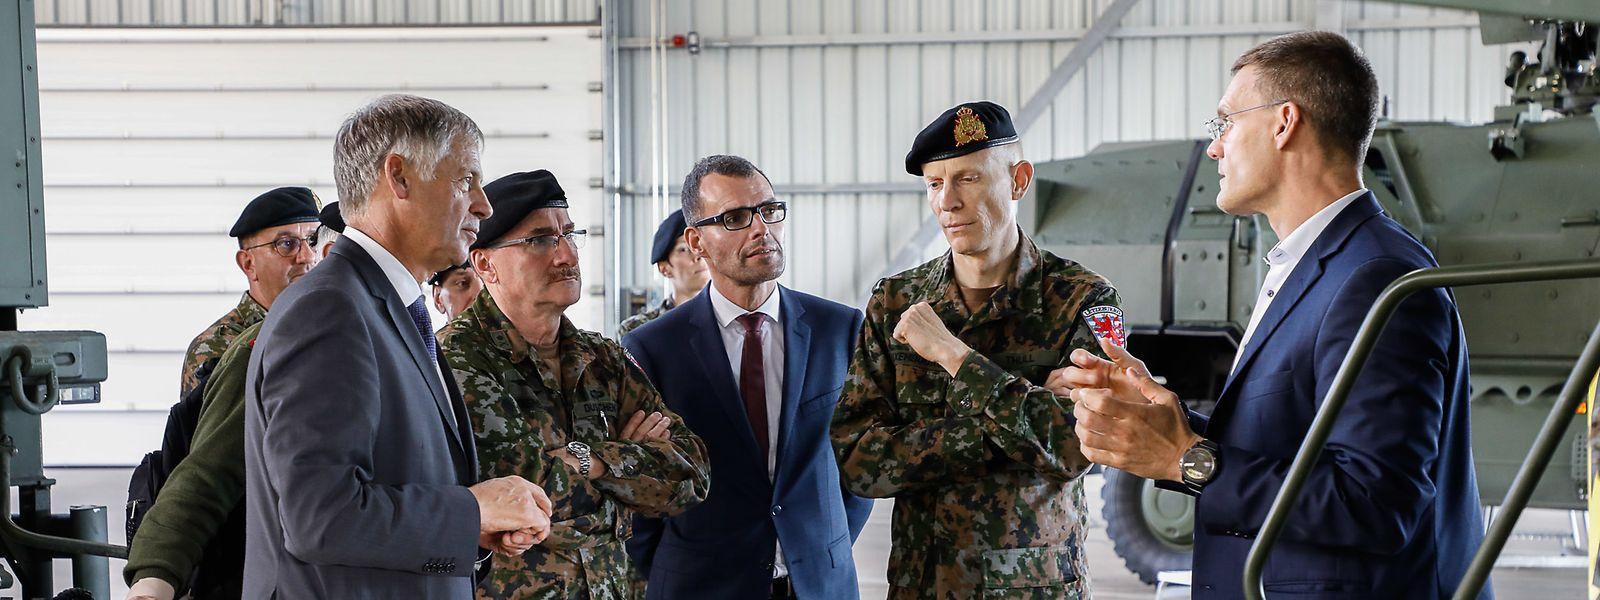 Le futur général Steve Thull (2e en partant de droite) veillera notamment à l'intégration de militaires féminins dans l'armée et à la communication interne et vers l'extérieur de l'armée.